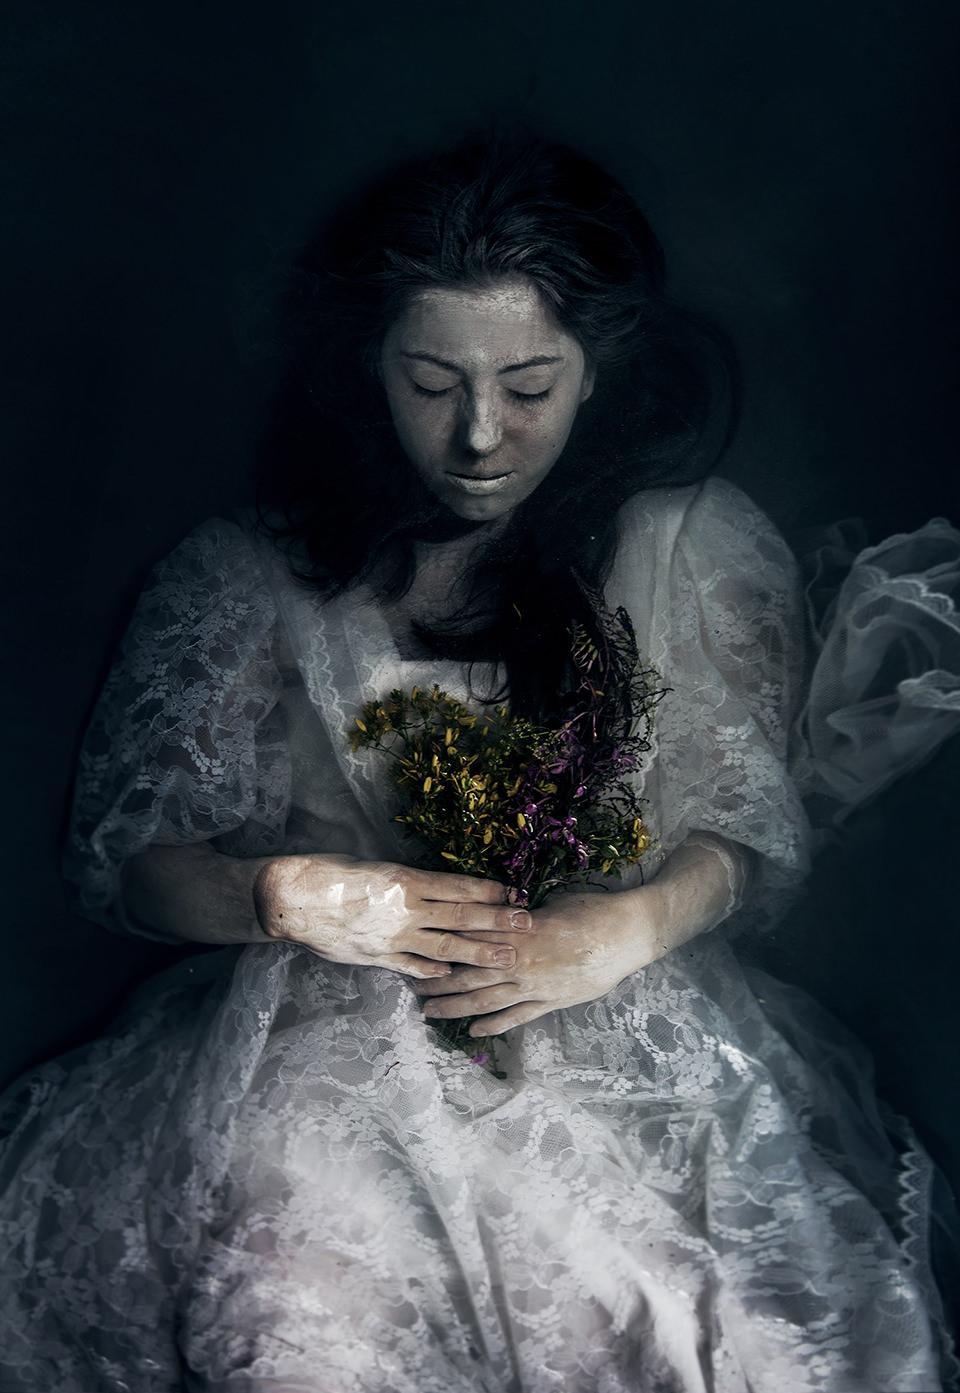 Eine Frau mit weißem Gesicht und Blumenstrauß in der Hand unter dem Wasser.